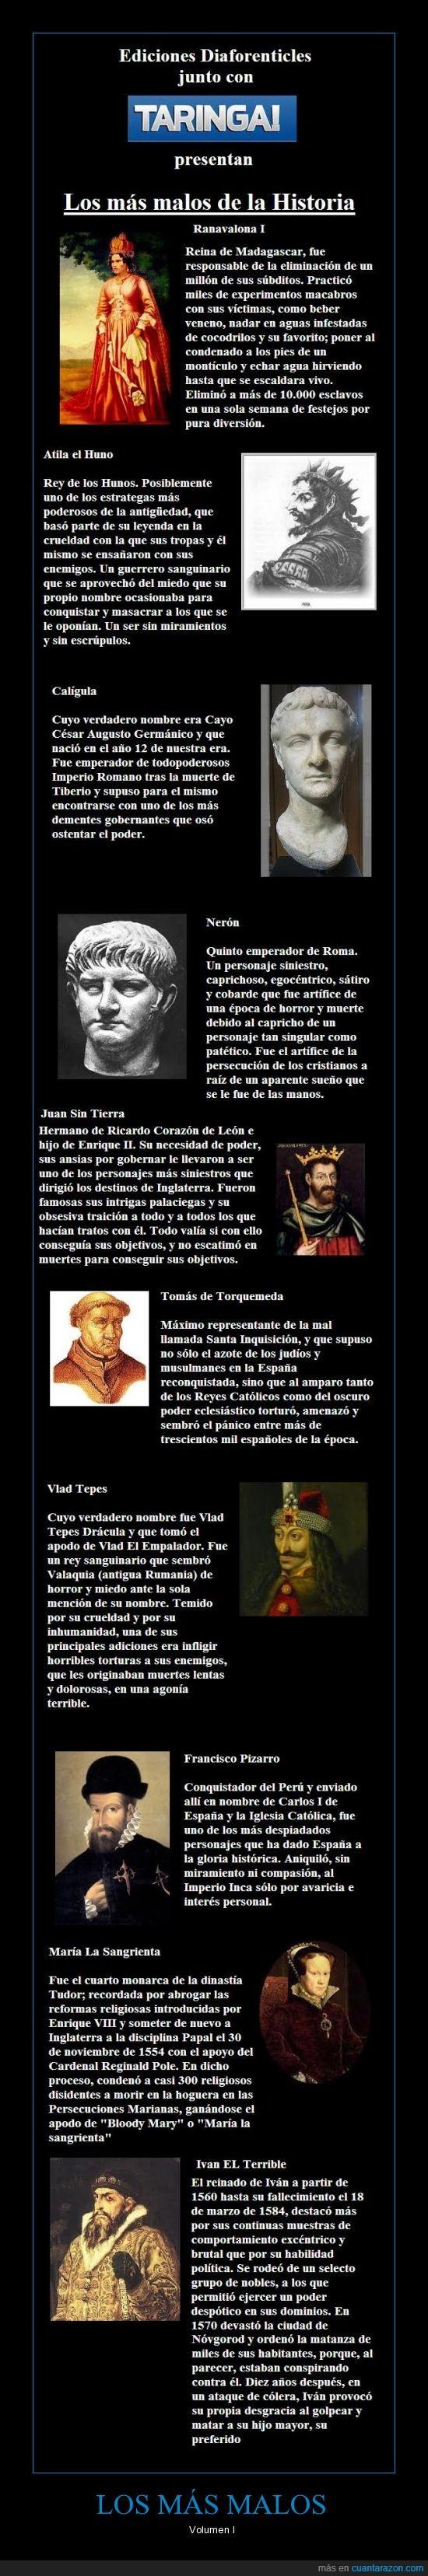 asesinos,criminales,Dictadores,generales,genocidas,historia,los más